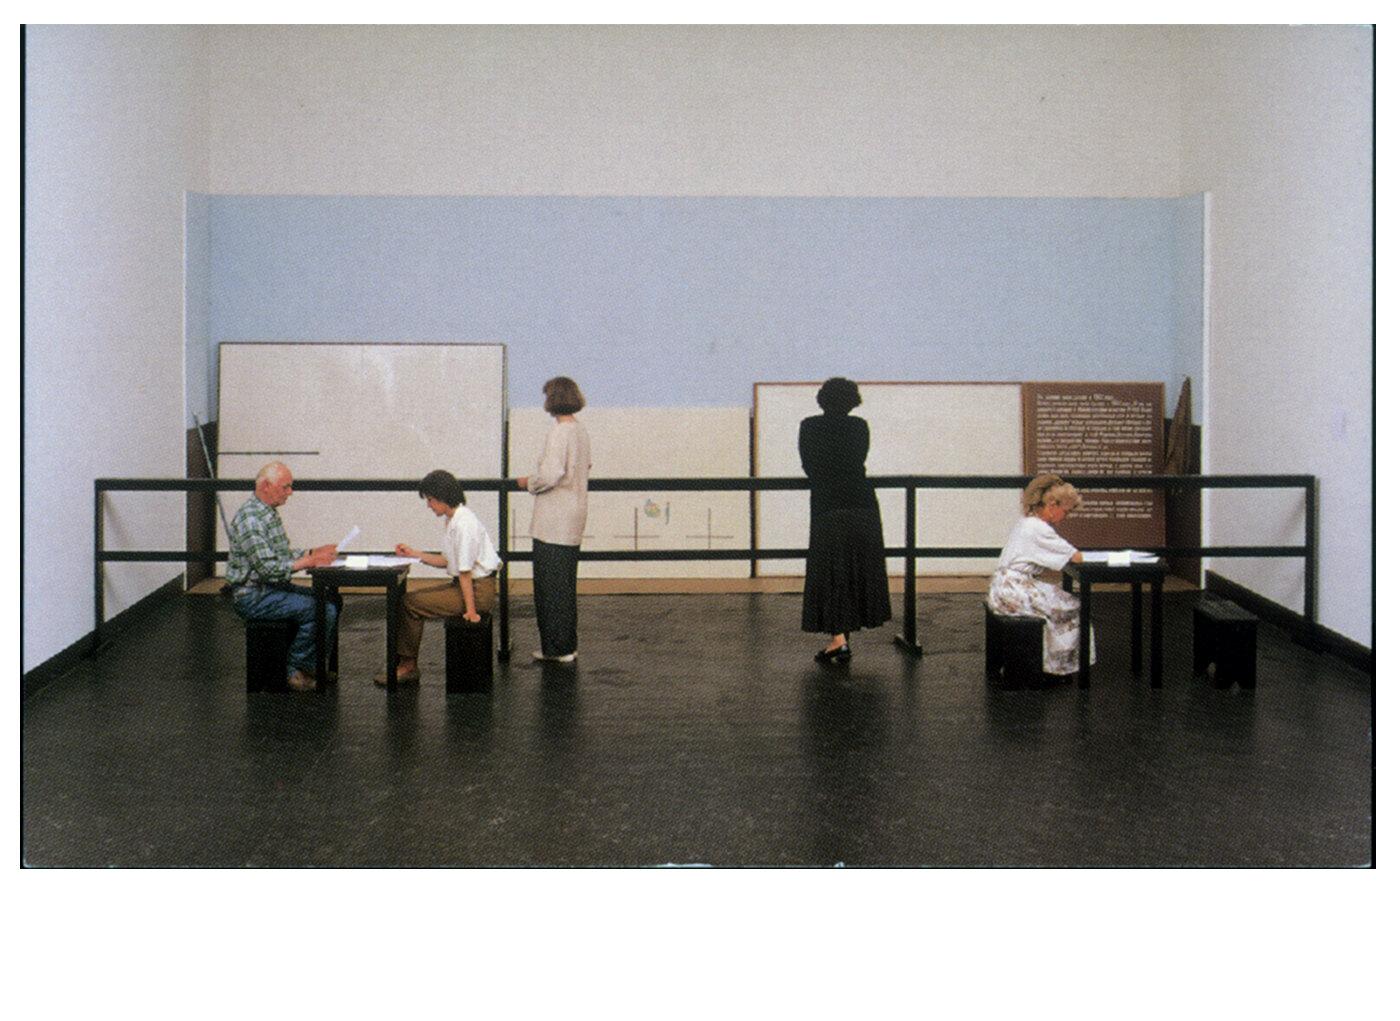 Exhibition-photo-Kunsthalle-Bremen-1995.jpg